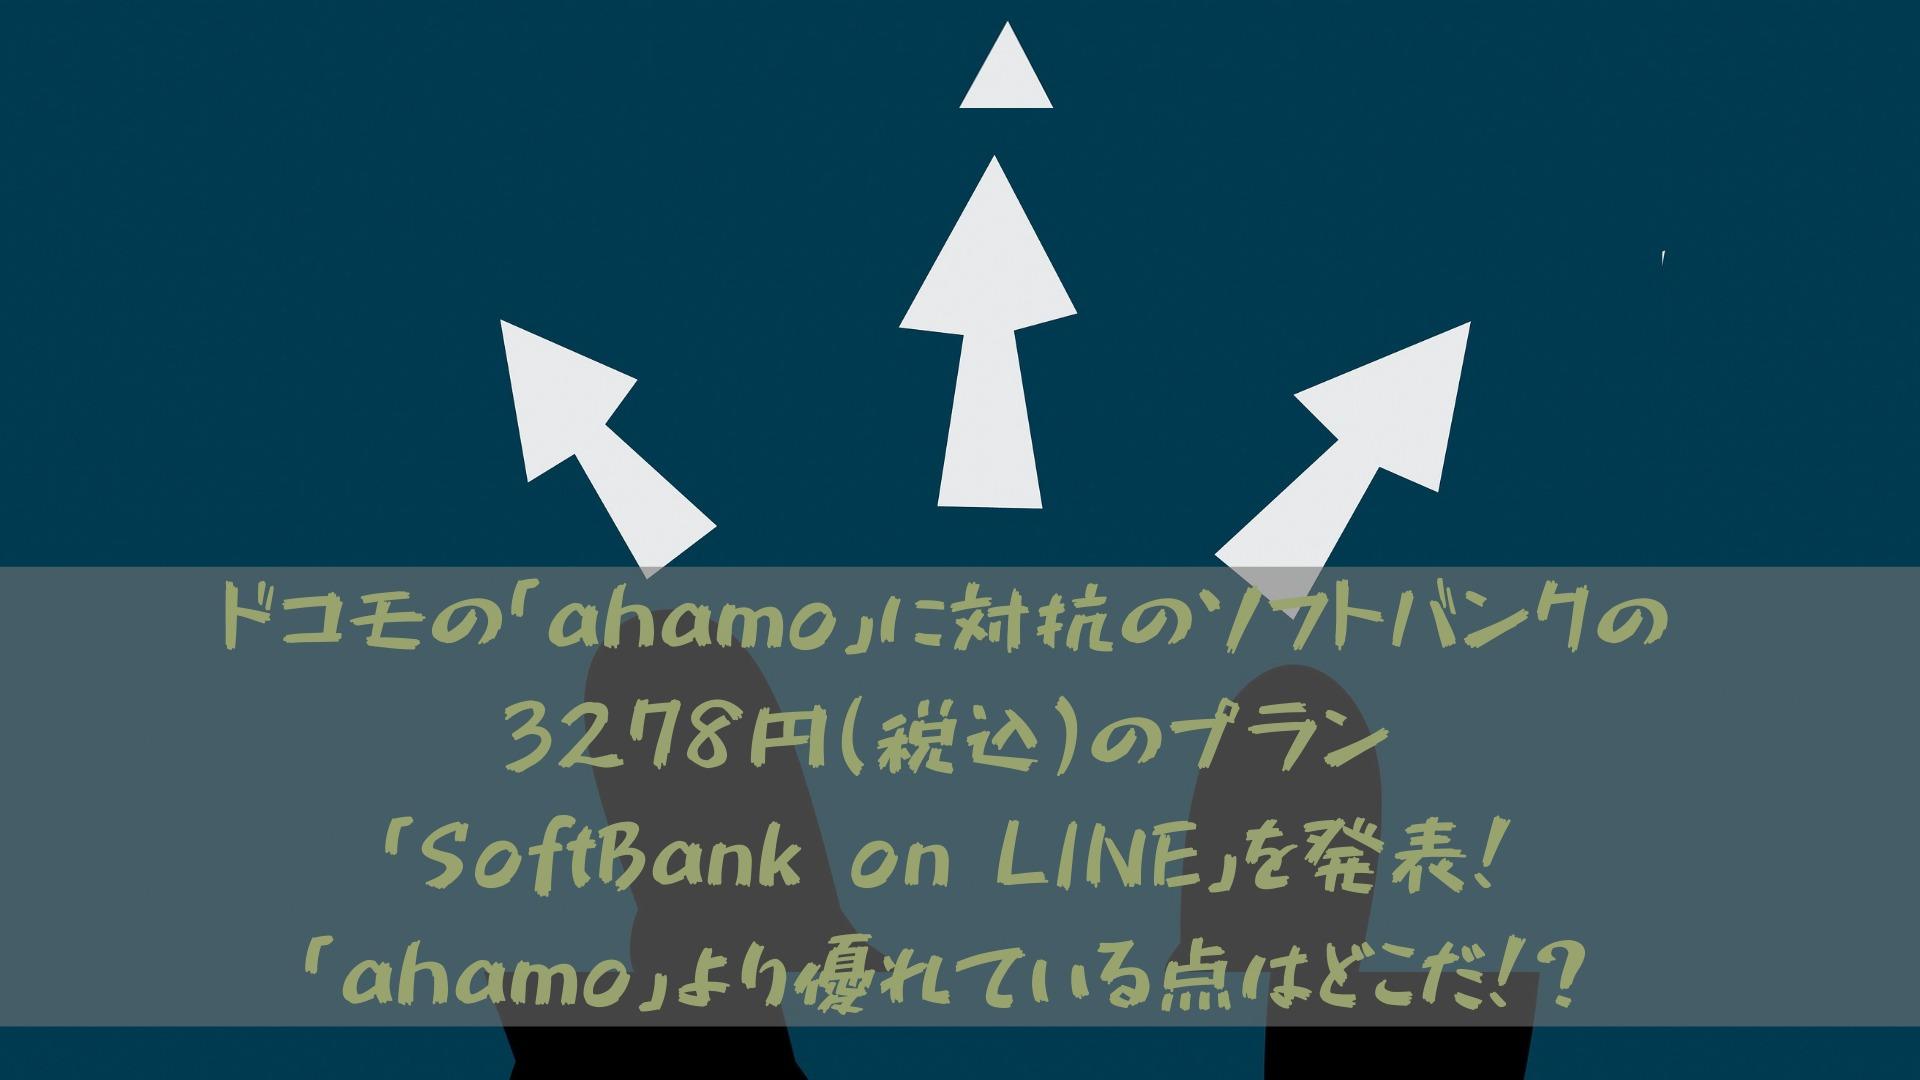 ドコモの「ahamo」に対抗のソフトバンクの3278円(税込)のプラン「SoftBank on LINE」を発表!「ahamo」より優れている点はどこだ!?